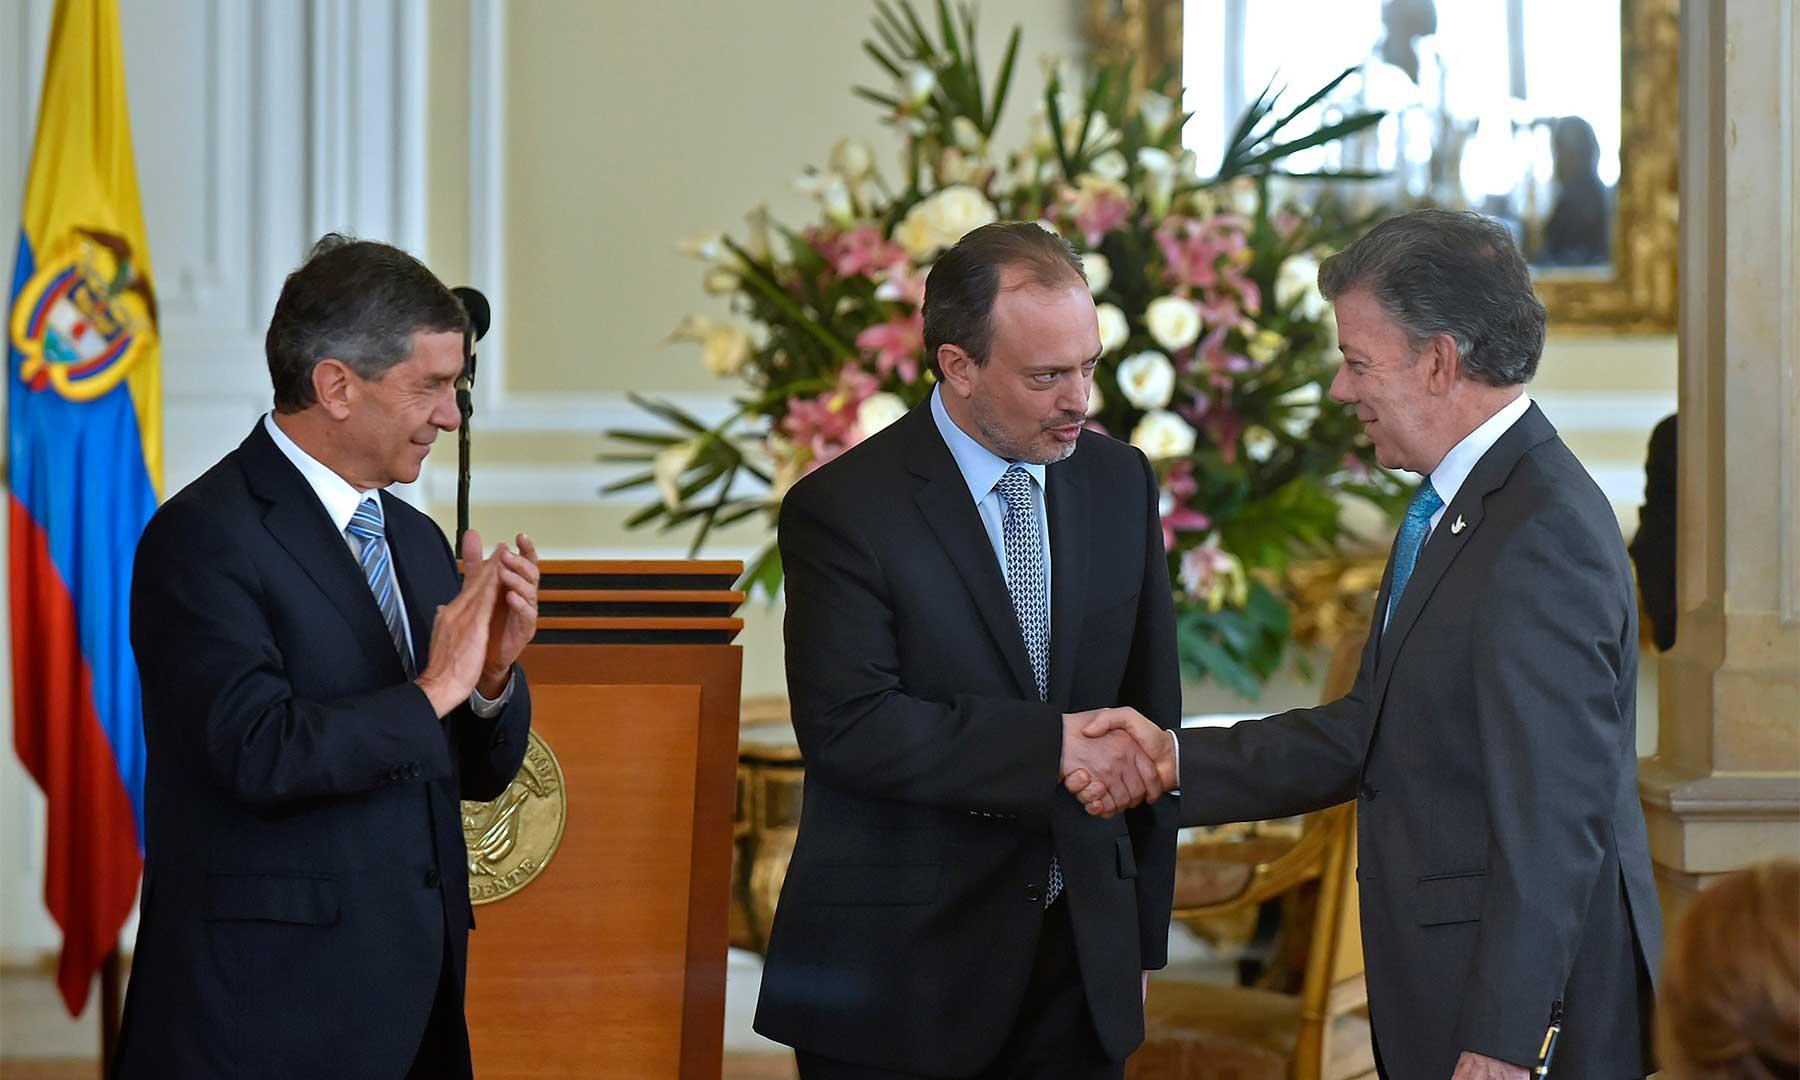 Luis Guillermo Vélez es posesionado por el Presidente Santos como nuevo Secretario General de la Presidencia, en presencia Rafael Pardo, Ministro Consejero para el Posconflicto.